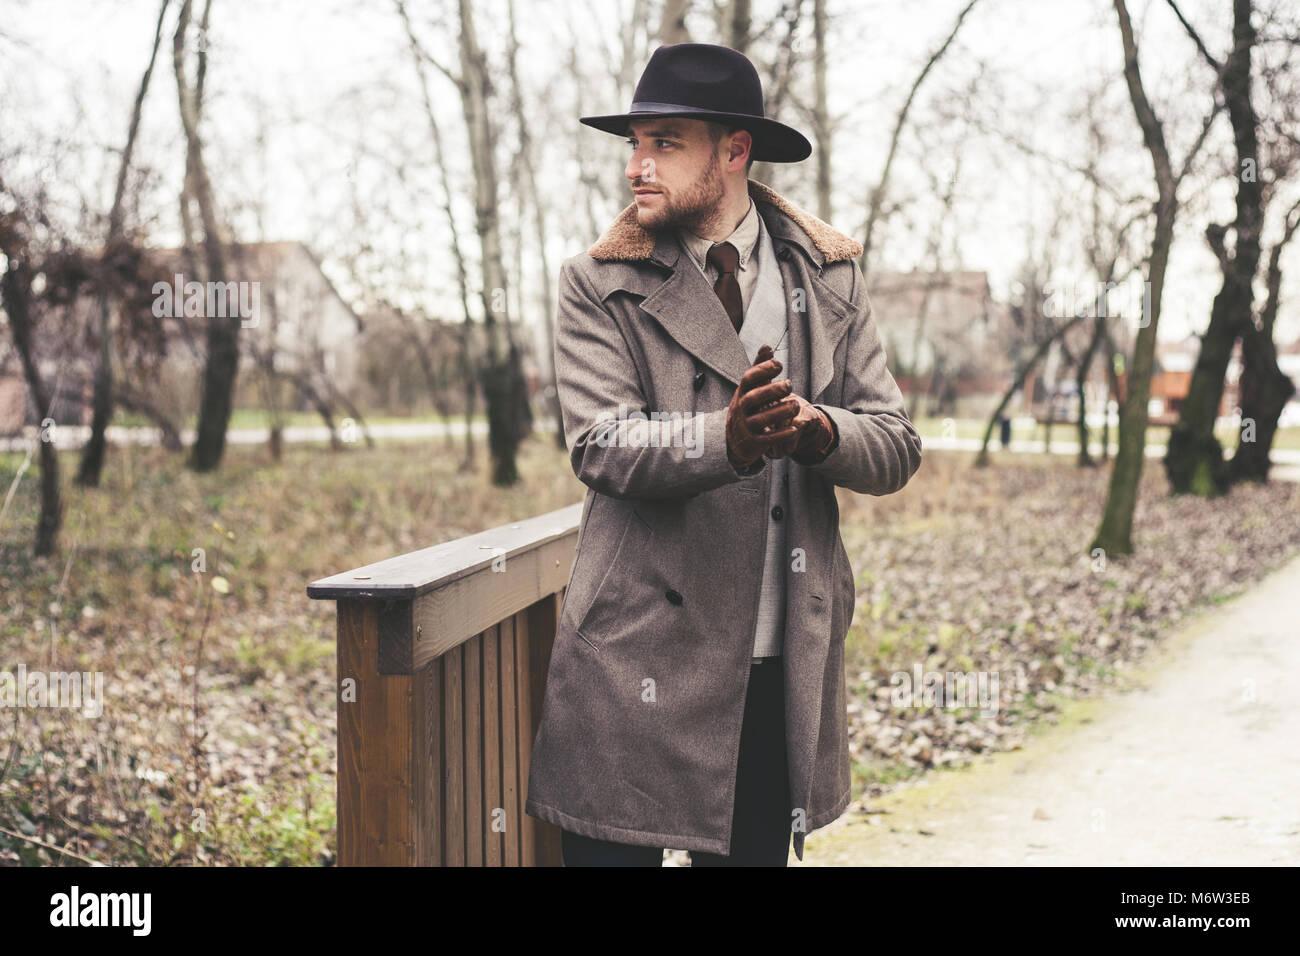 Apuesto hombre elegante en el parque llevar traje y abrigo. Imagen De Stock 9b45ce72448